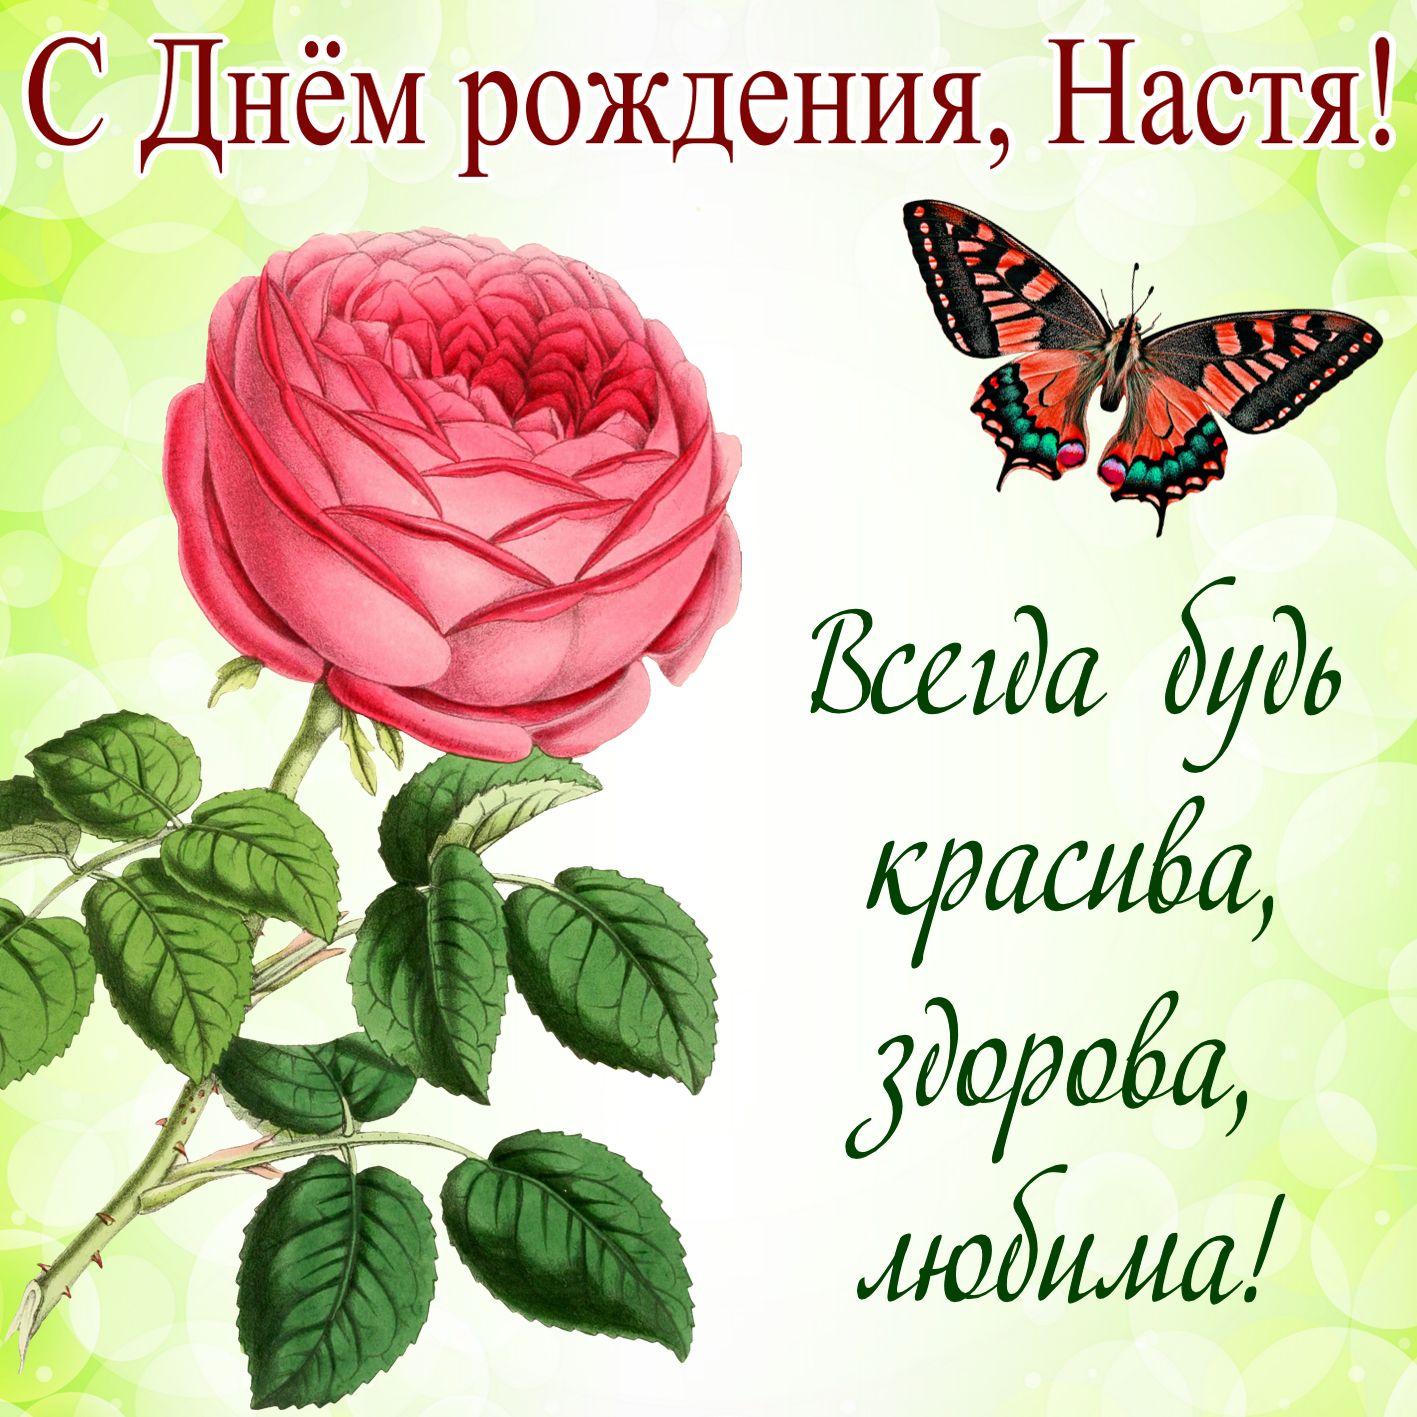 Открытка - роза и пожелание на День рождения Насте